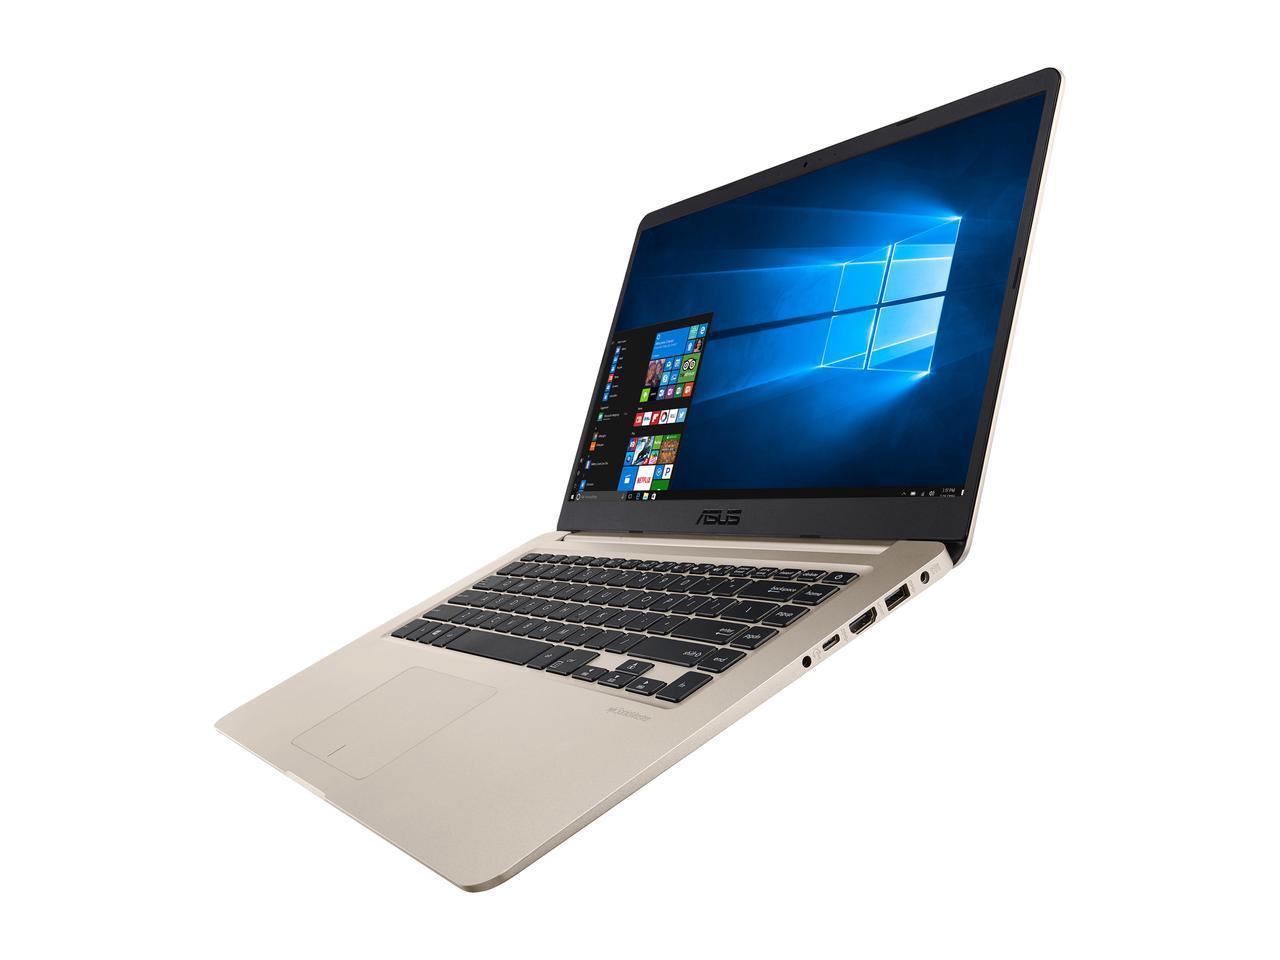 Asus VivoBook S510: 15.6'' FHD IPS, i7-8550U, 8GB DDR4, MX150, 256GB SSD, 1TB HDD, Type-C, WIn10H @ $770 + F/S